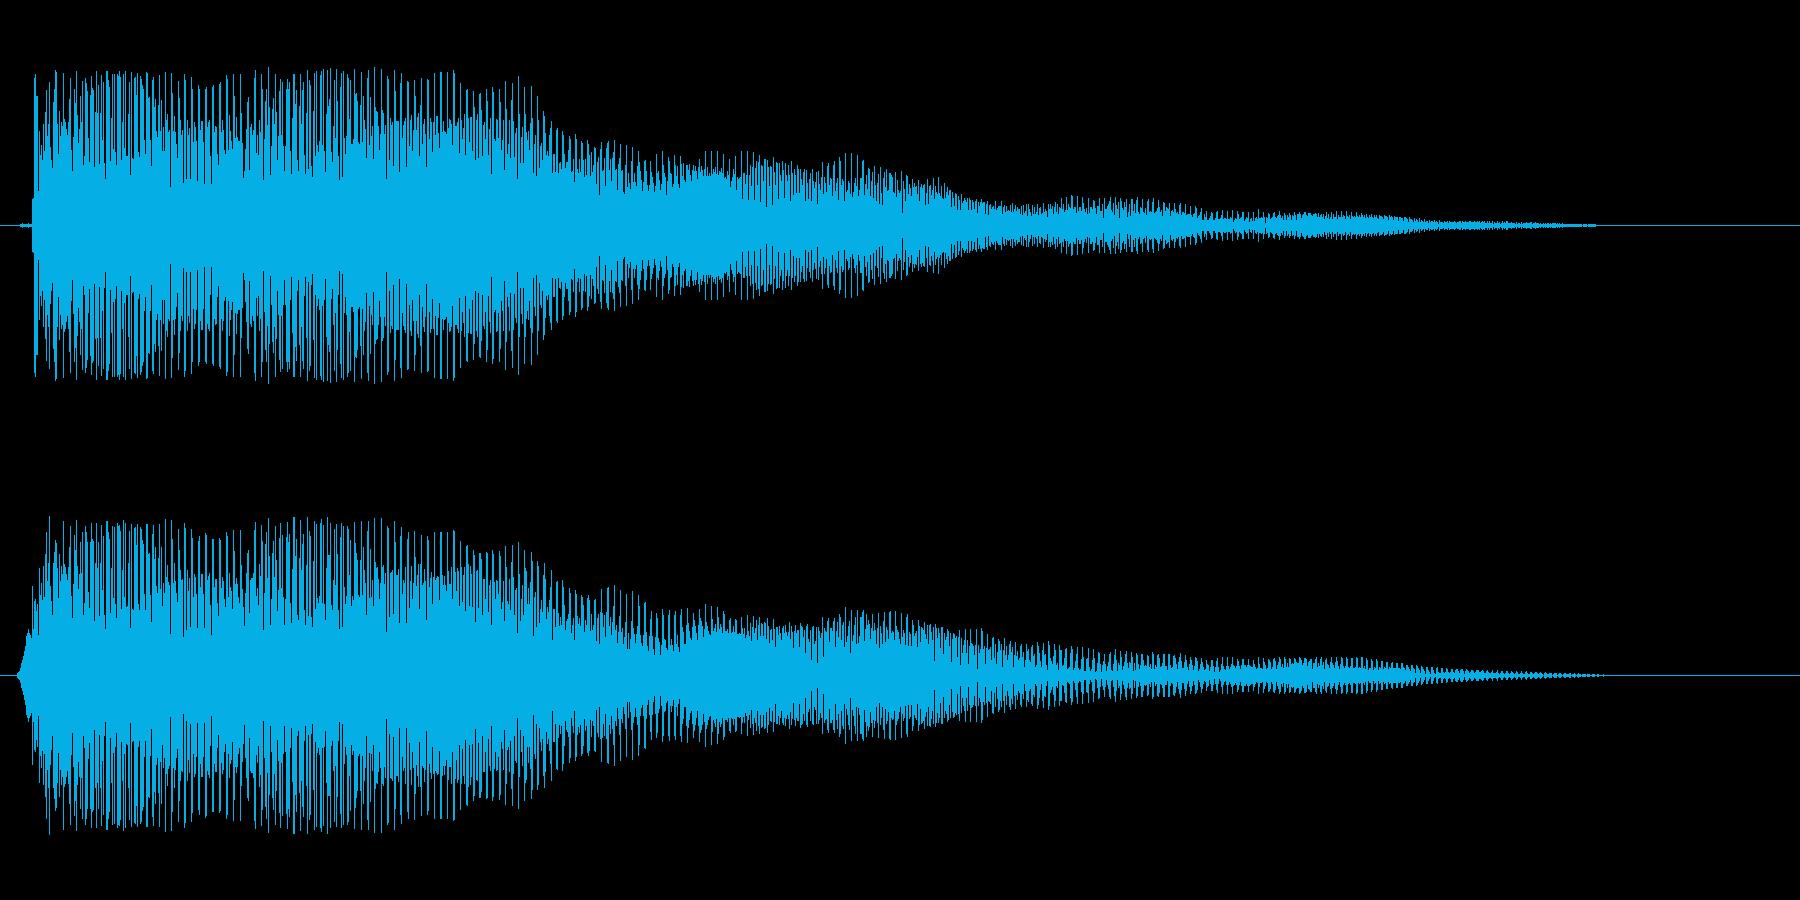 ビョ〜ン、ビョビョ〜ン(コミカル効果音)の再生済みの波形